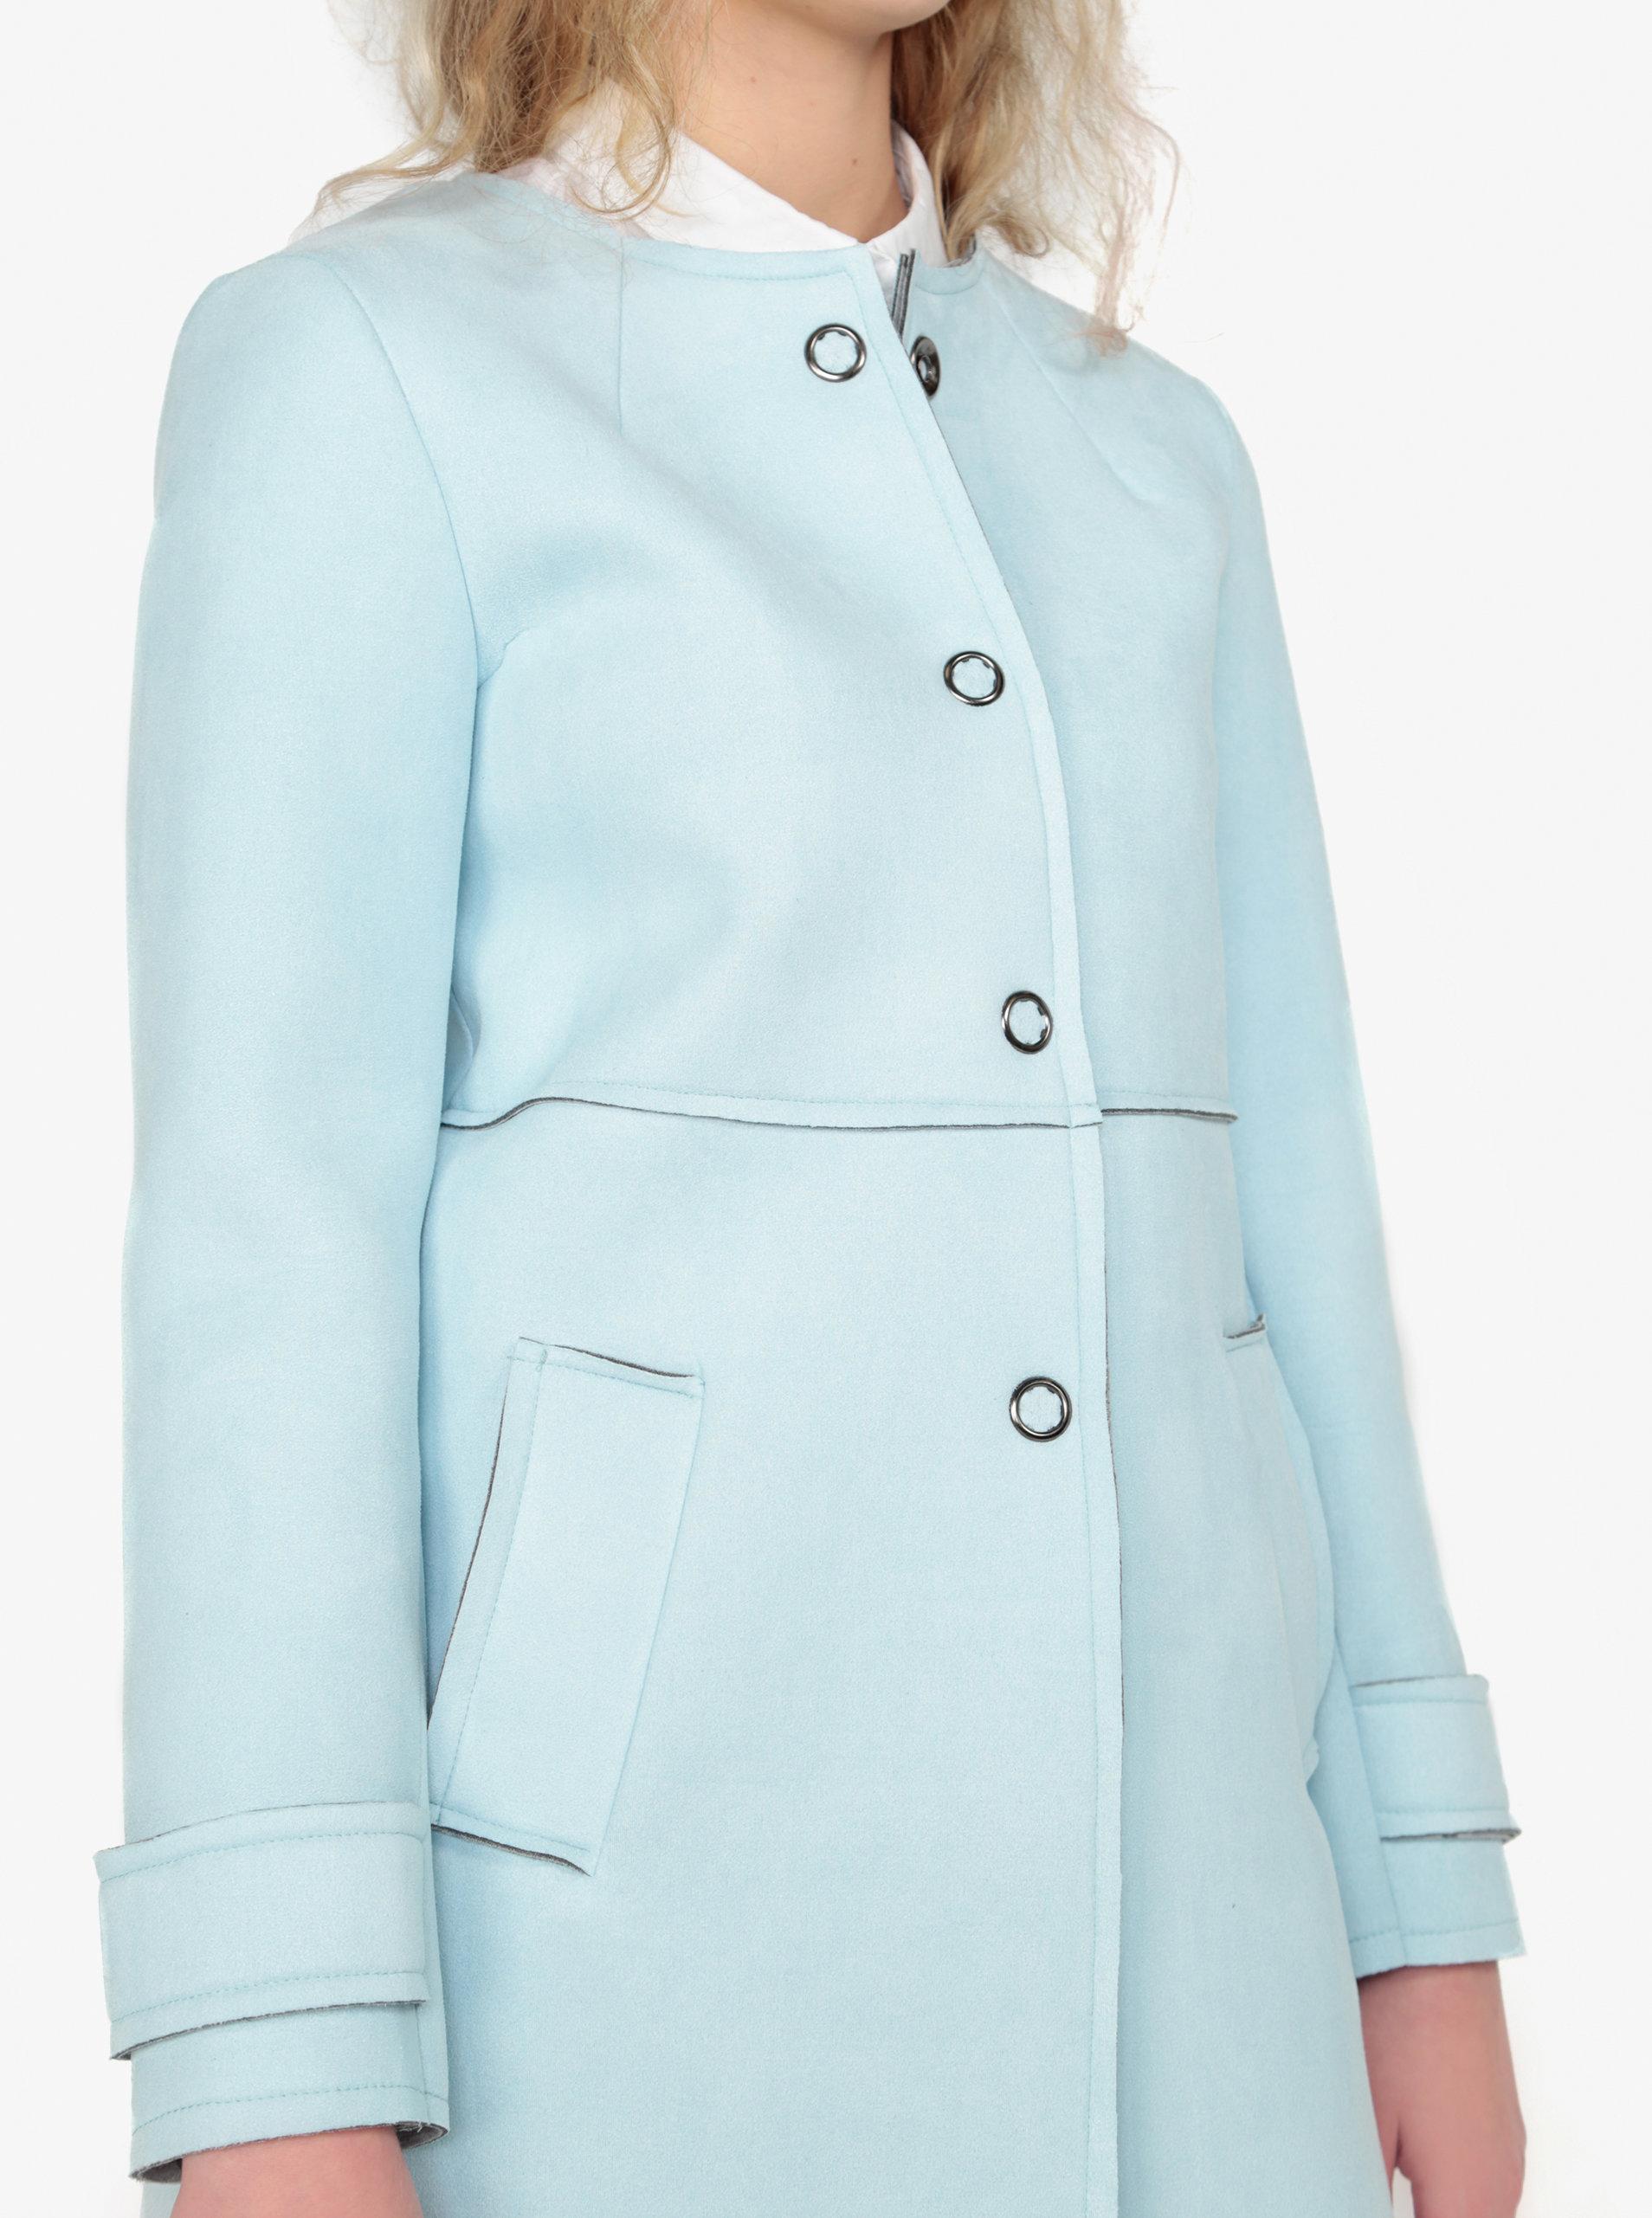 Světle modrý kabát v semišové úpravě ZOOT ... 349a10cb548